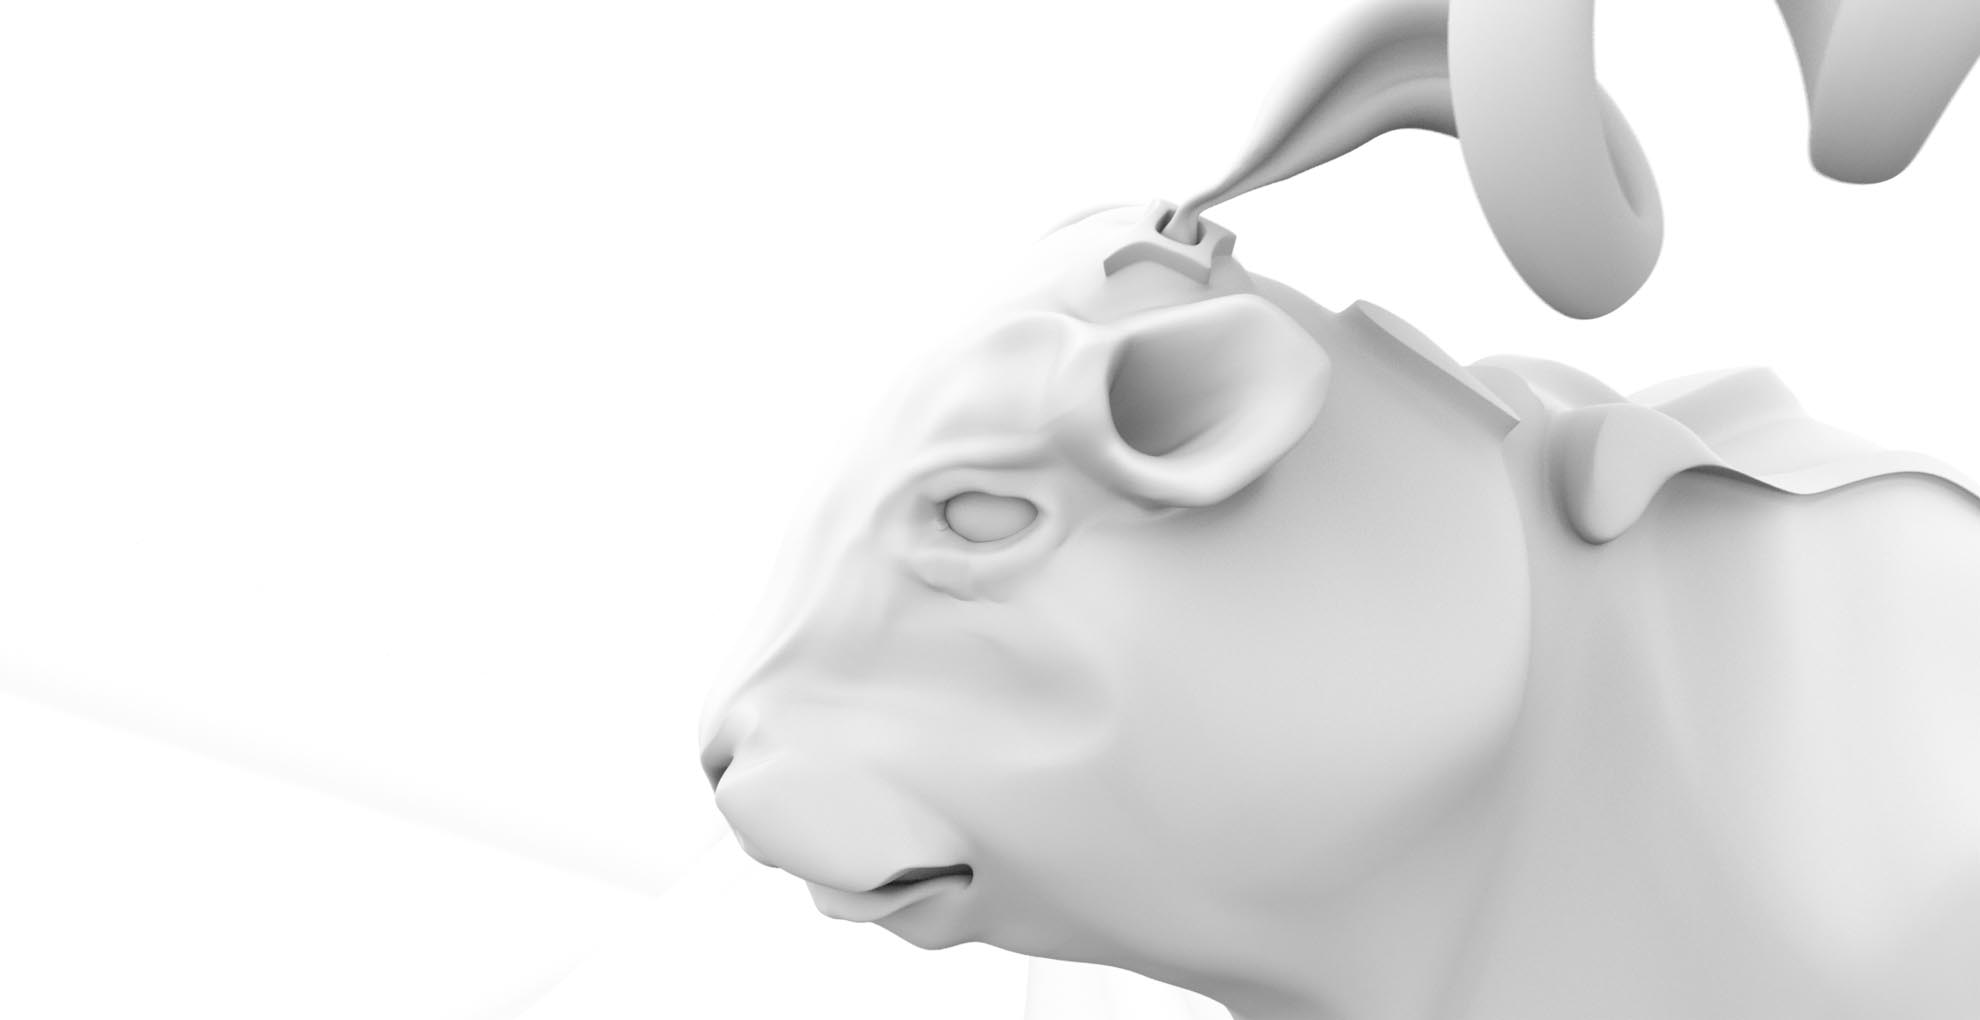 Cow_head_close_up_AO.jpg